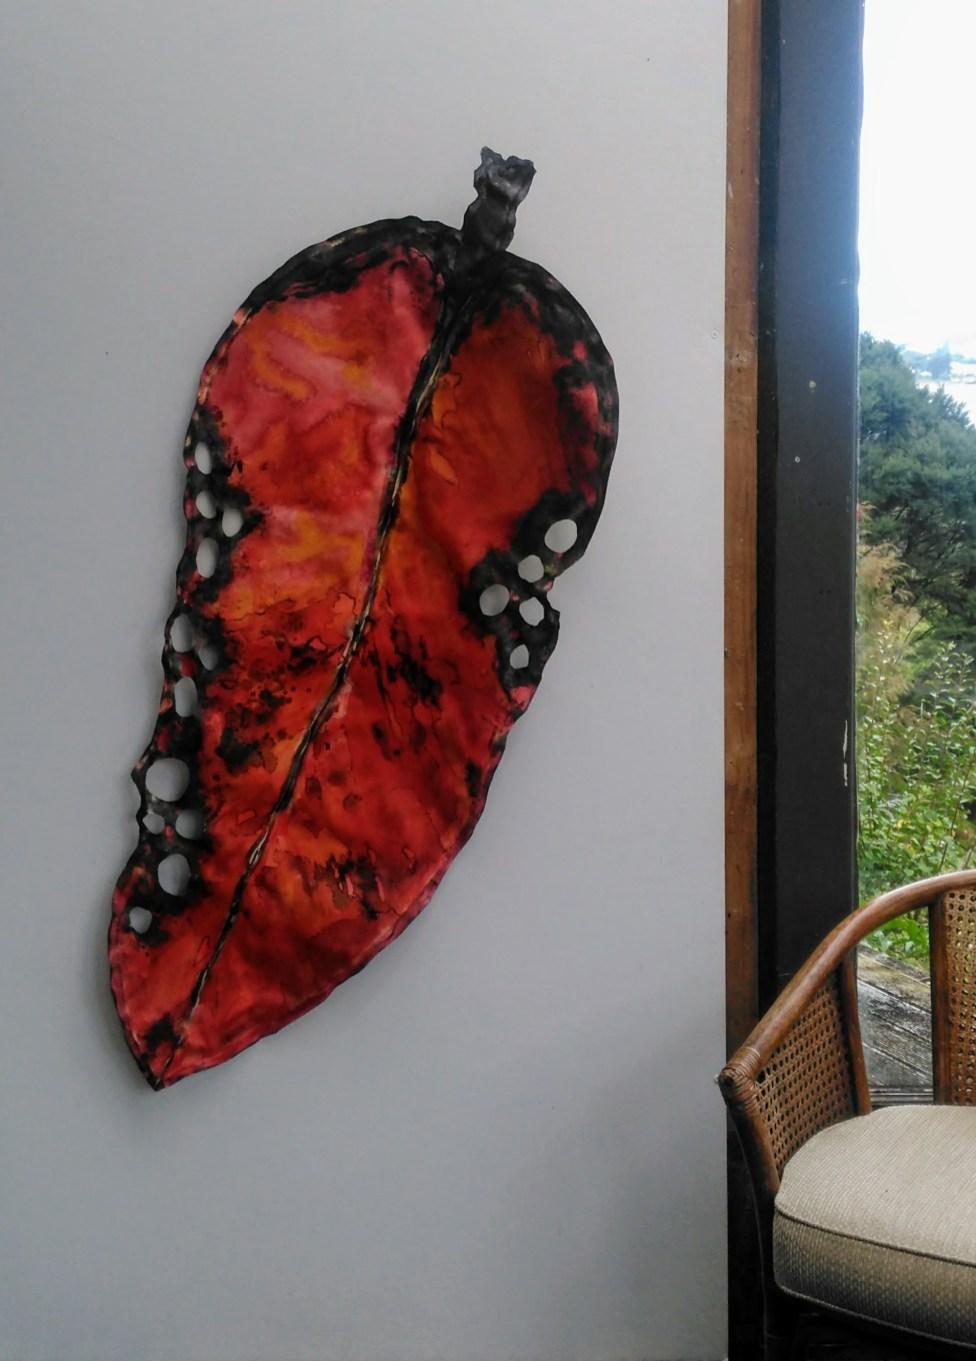 Canvas-Leaves.-Liz-McAuliffe 2.jpg